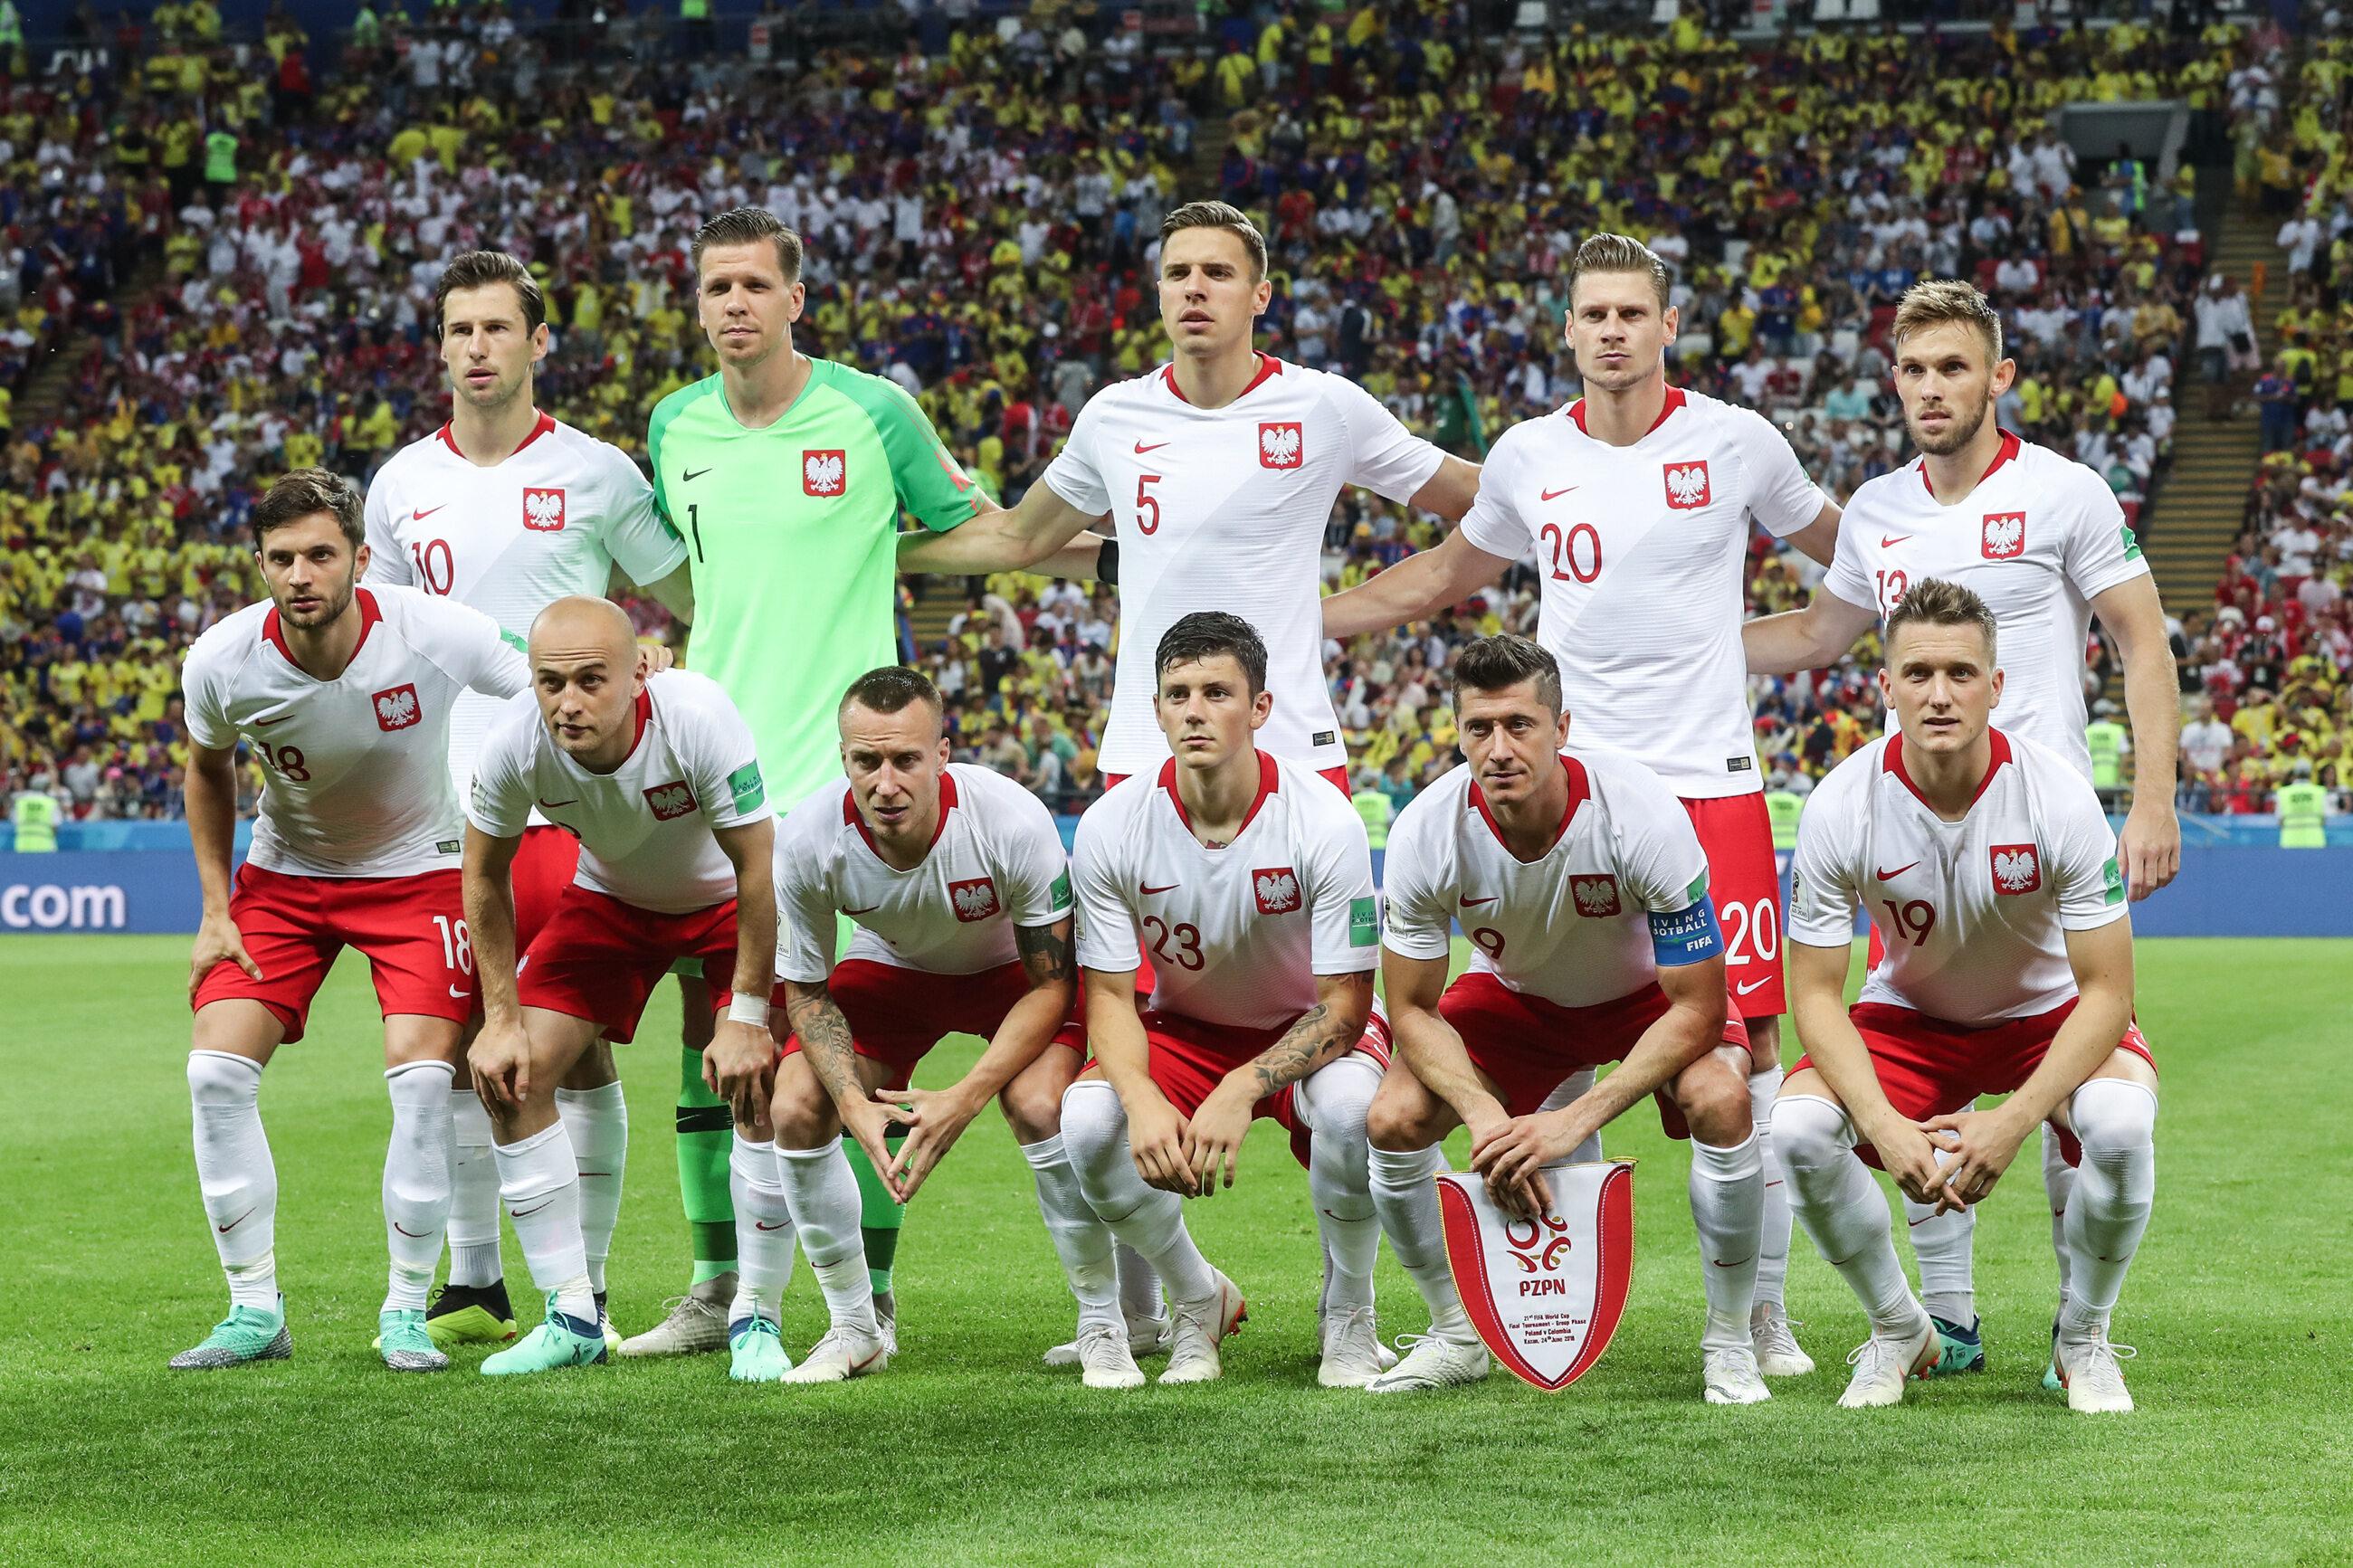 Reprezentacja Polski przed meczem z Kolumbią